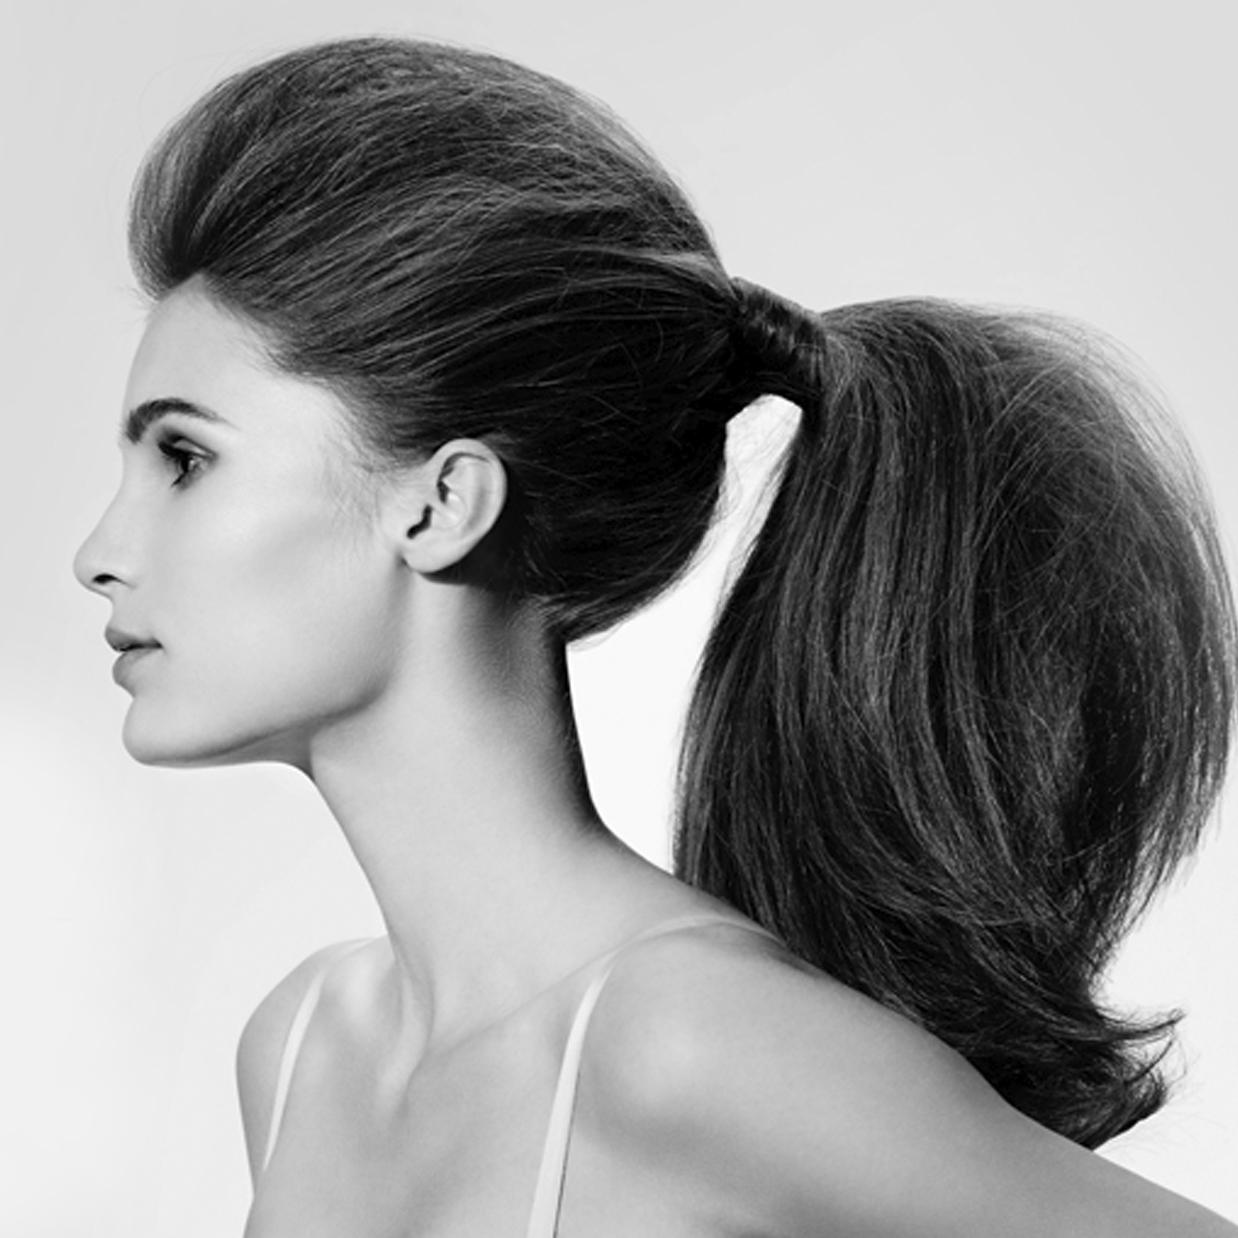 volym för håret